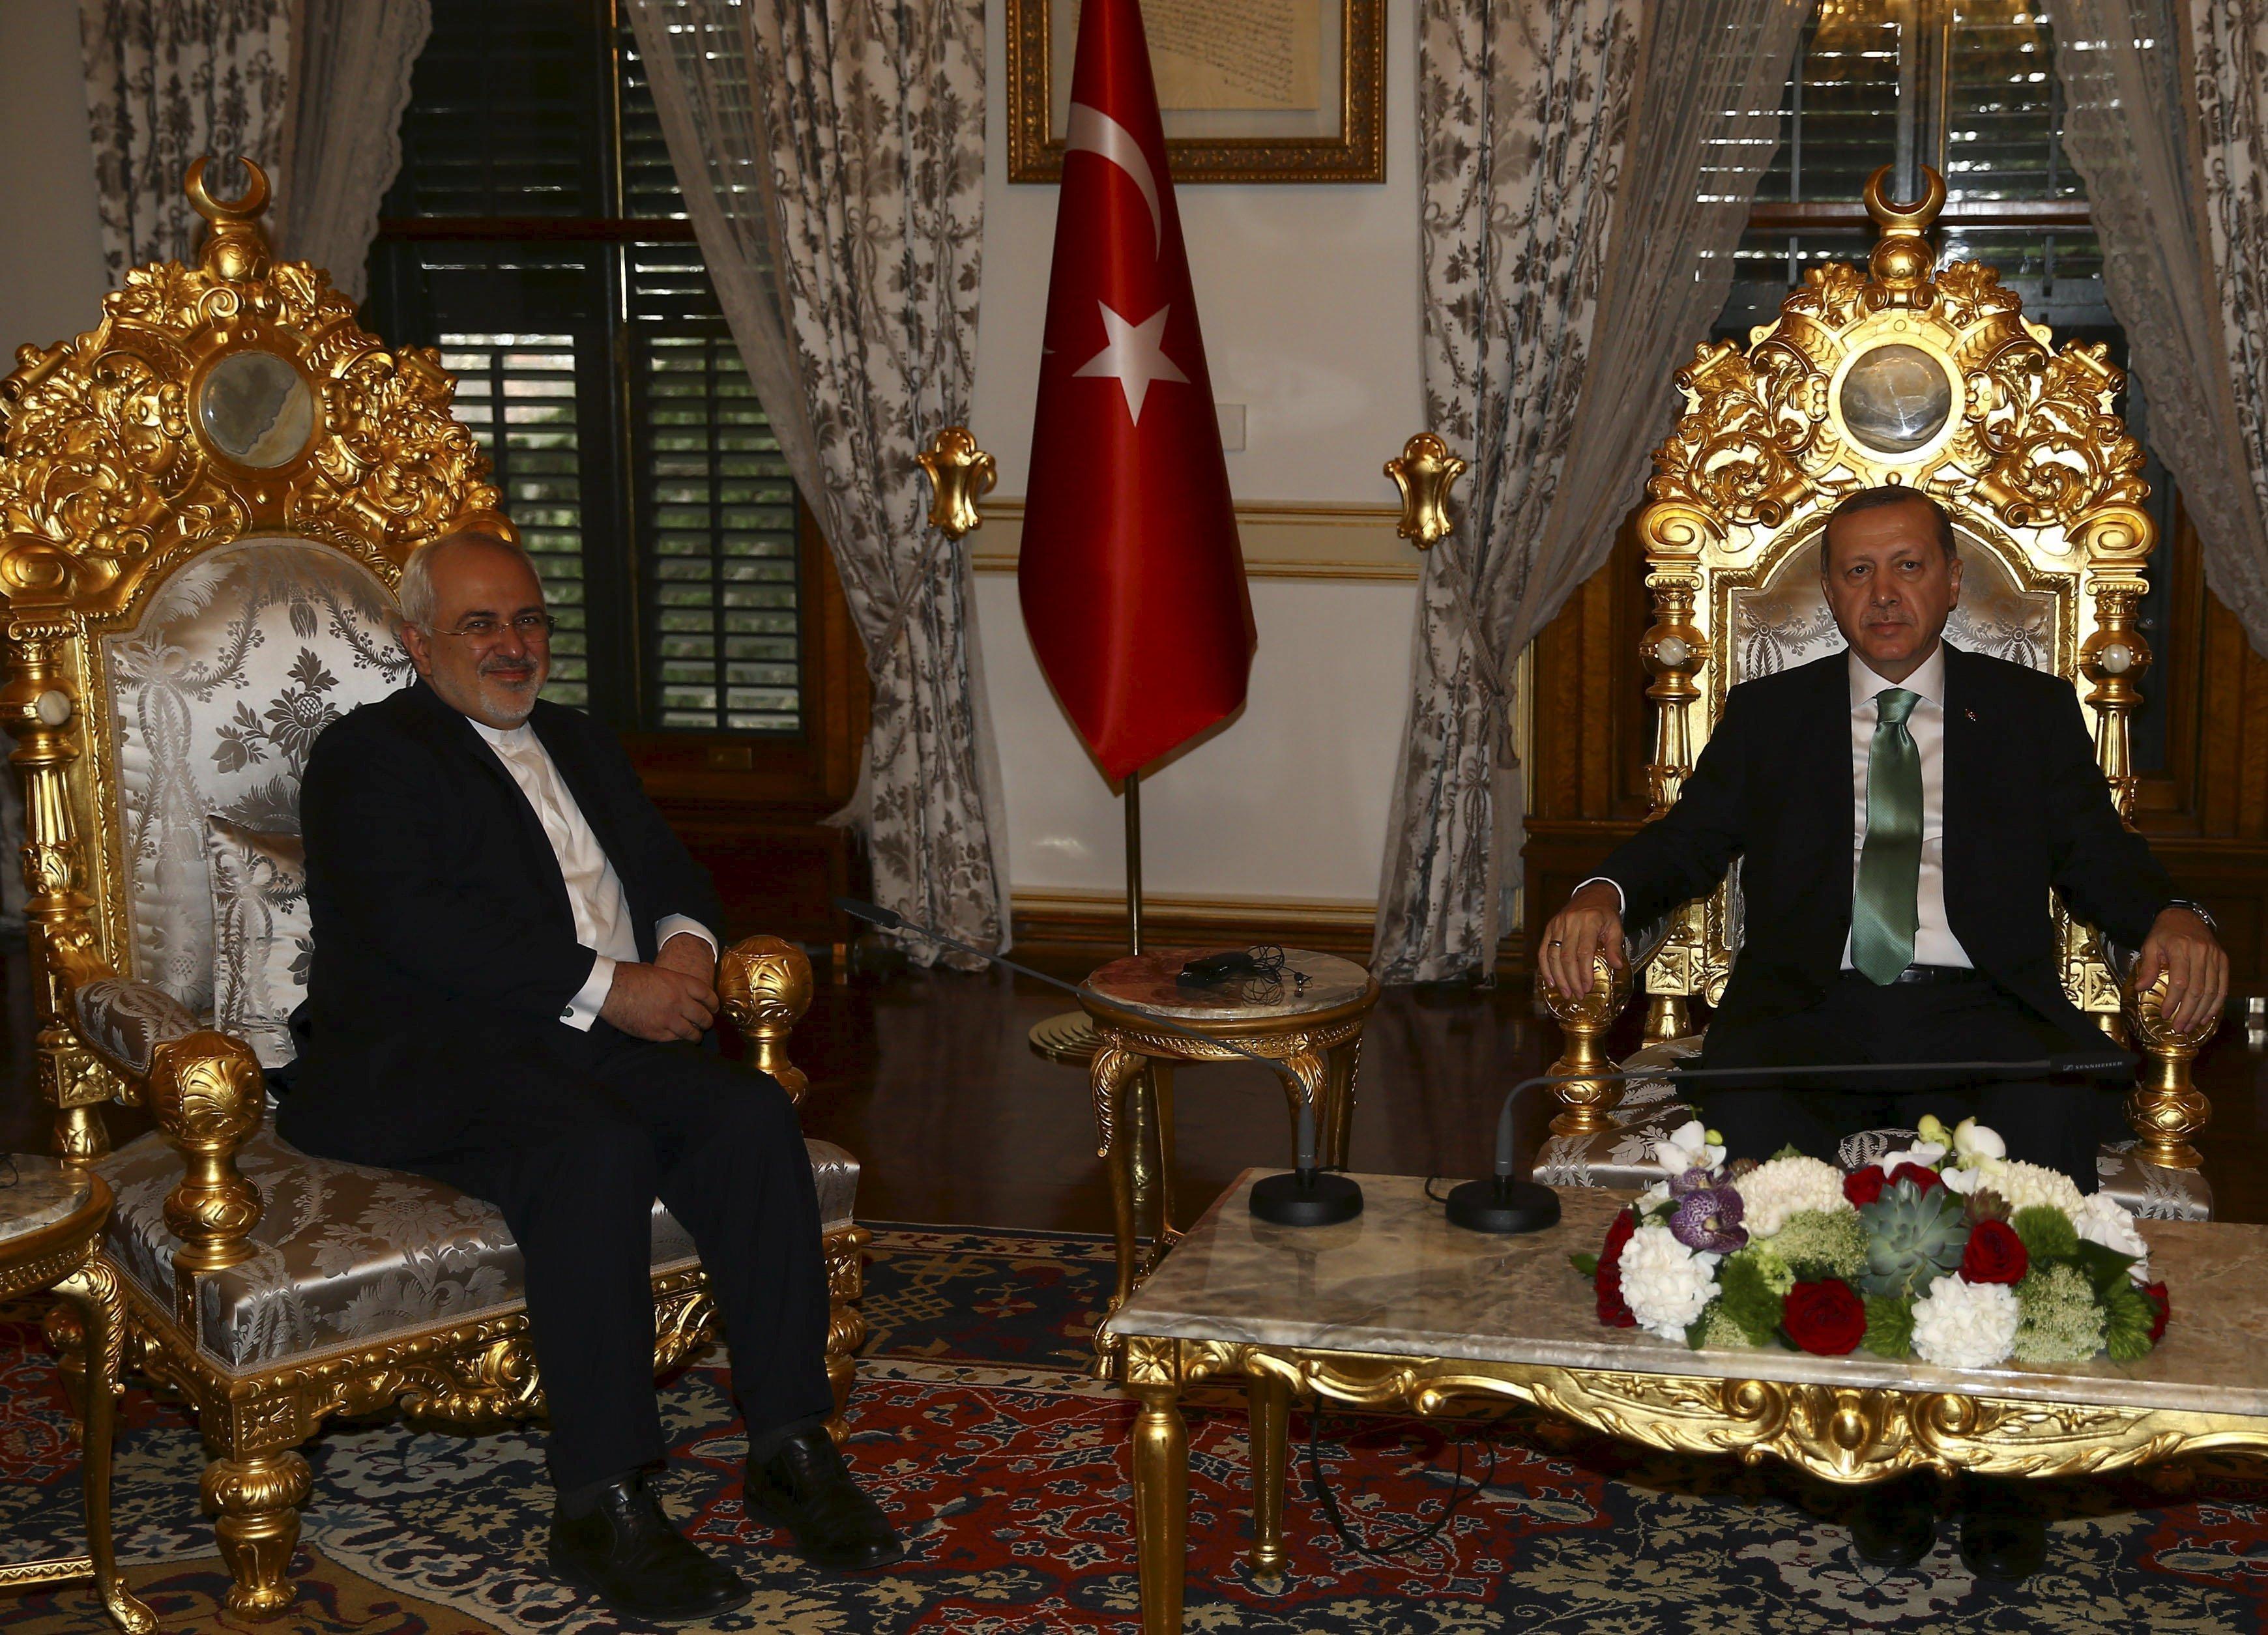 Presidente da Turquia, Tayyip Erdogan encontra-se com o ministro do Exterior do Irã, Mohammad Javad Zarif, em Istambul, Turquia, 19 de março de 2016